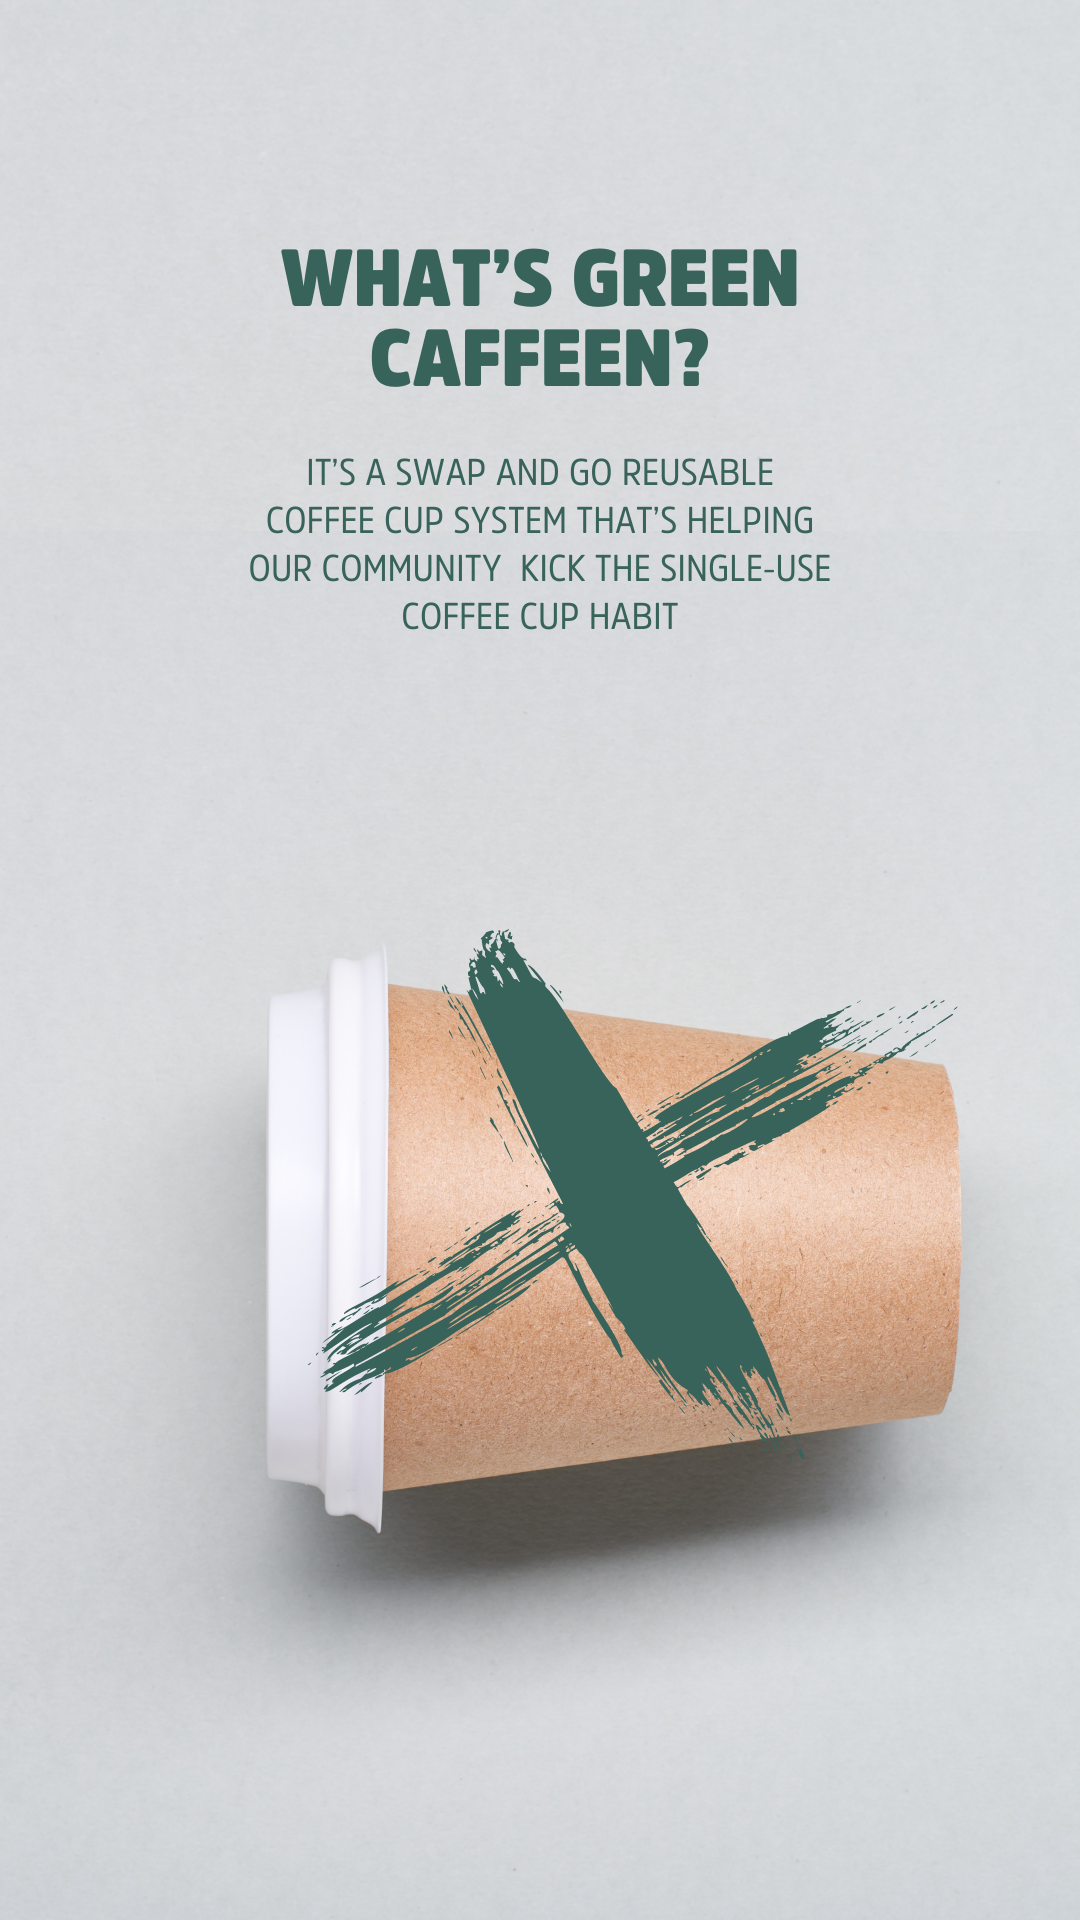 Green Caffeen